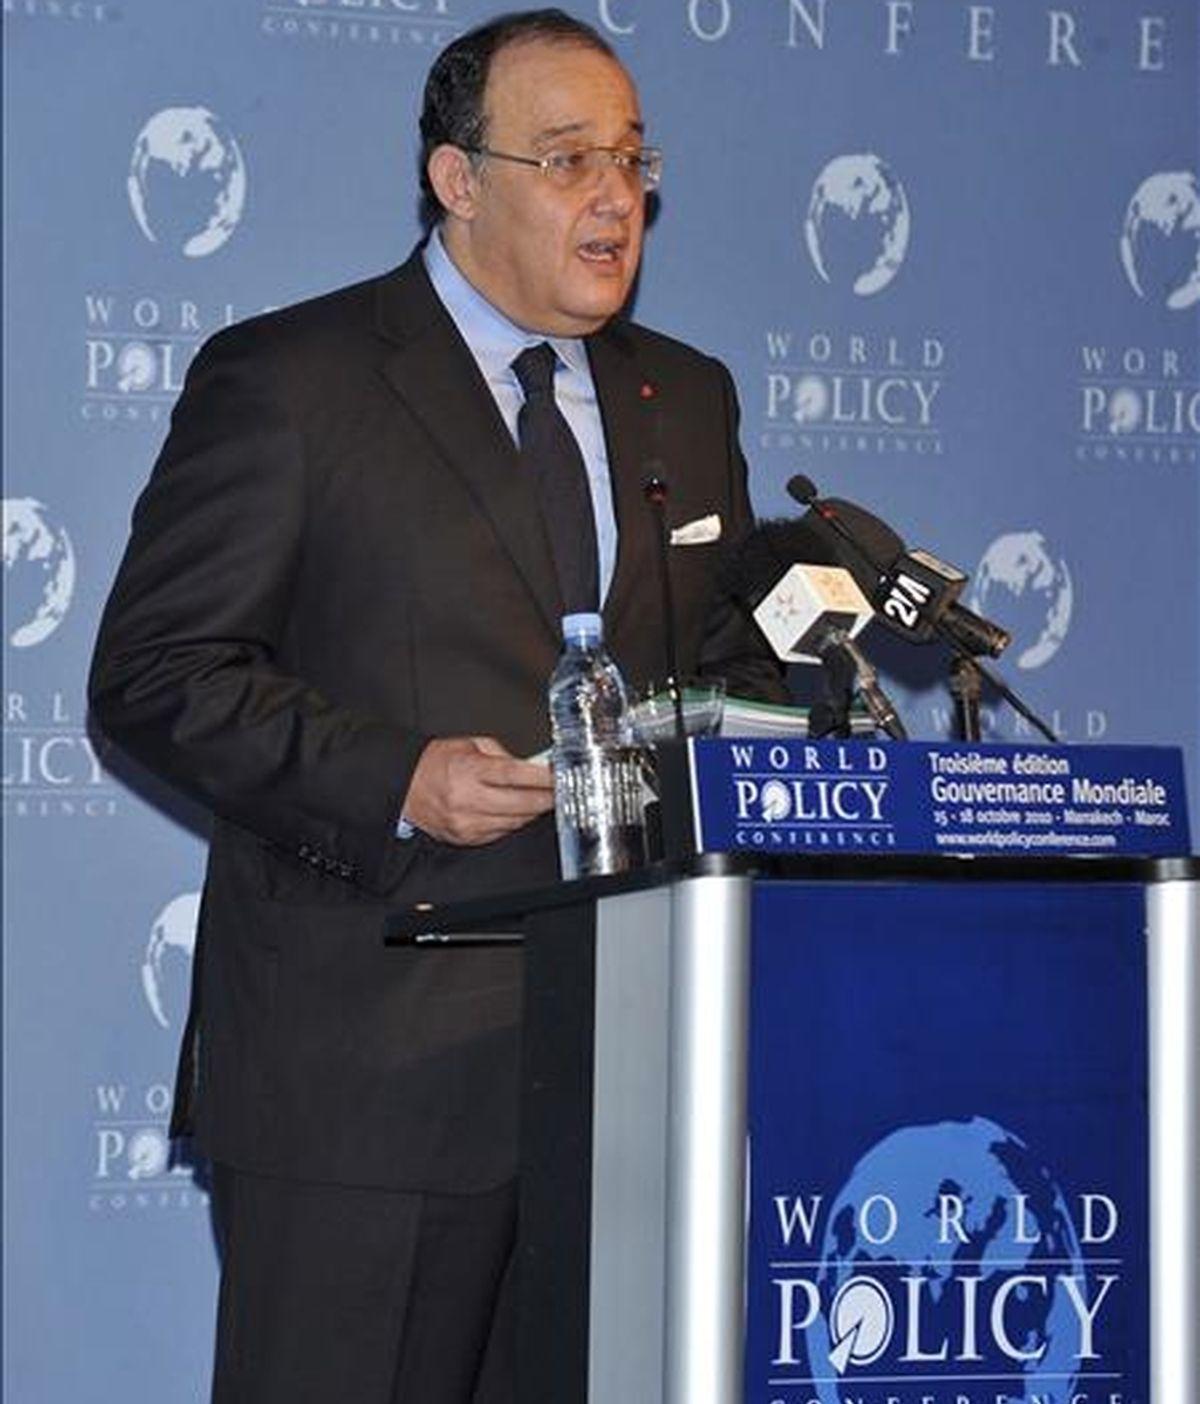 """El ministro de Asuntos Exteriores de Marruecos, Taib Fassi Fihri, durante un discurso en Marraquech (Marruecos), el 16 de octubre de 2010. Fassi Fihri ha dicho hoy en Bruselas que en España se """"manipula"""" los suceso de El Aaiún. EFE/Archivo"""